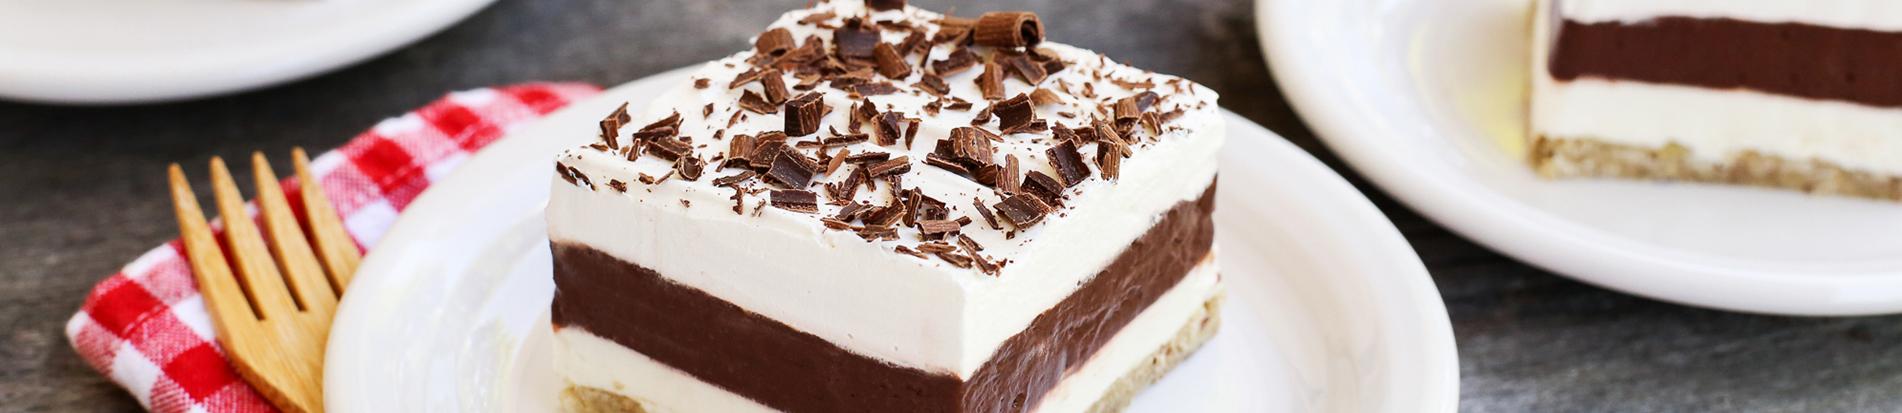 desert-pudding